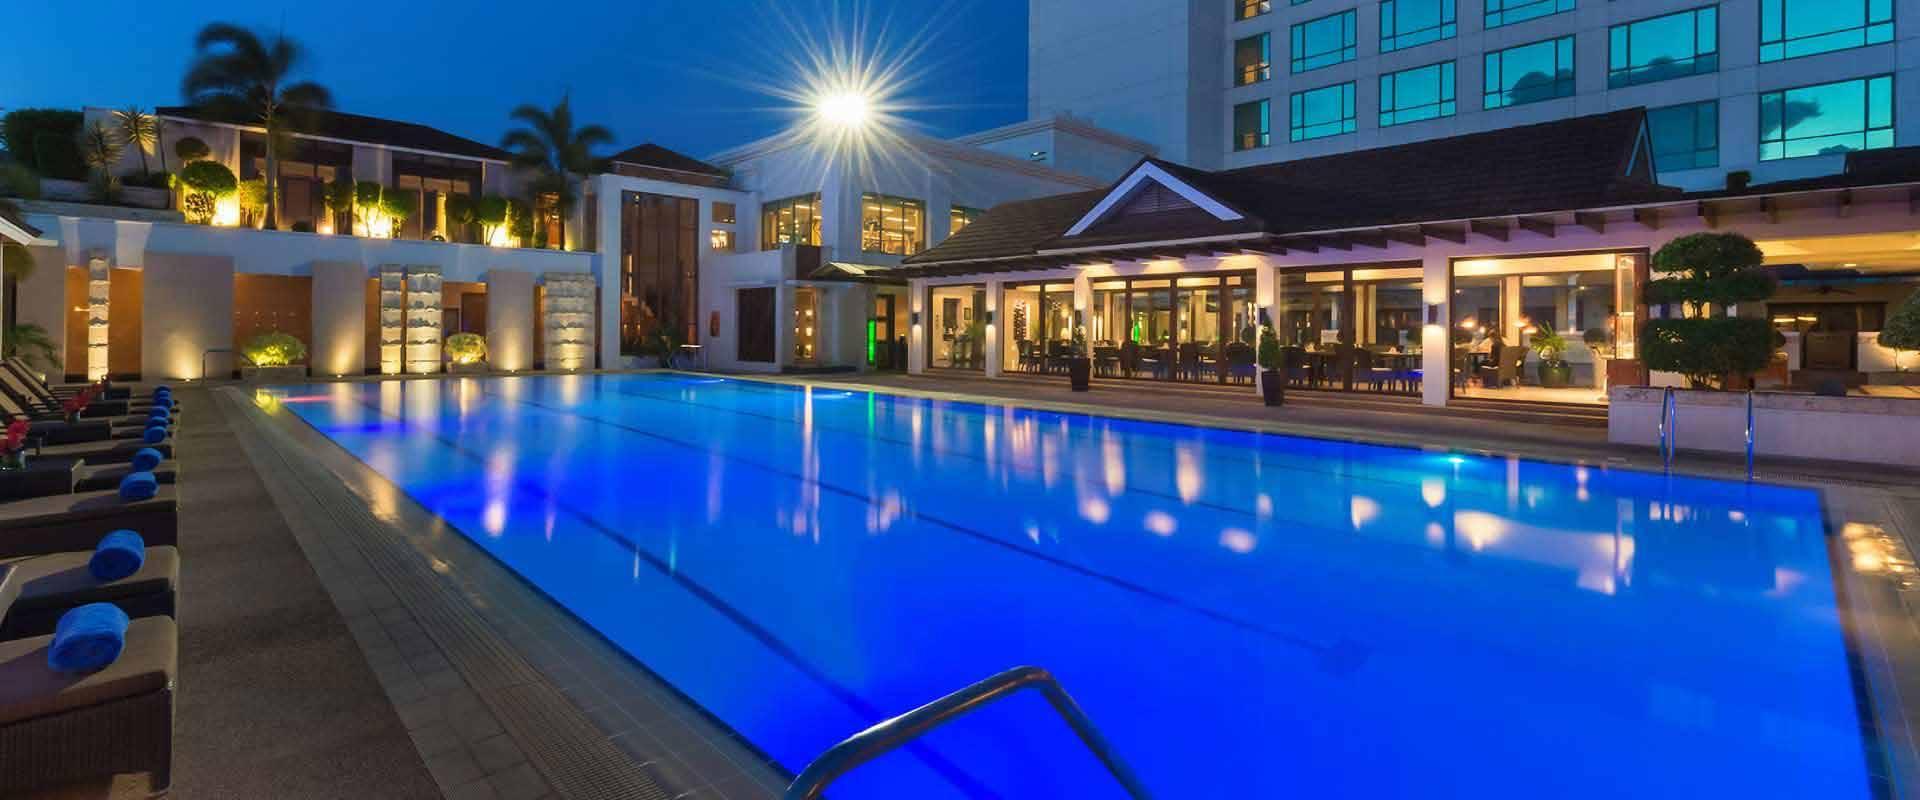 Minadanao Davao Hotel Swimming Pool Marco Polo Davao